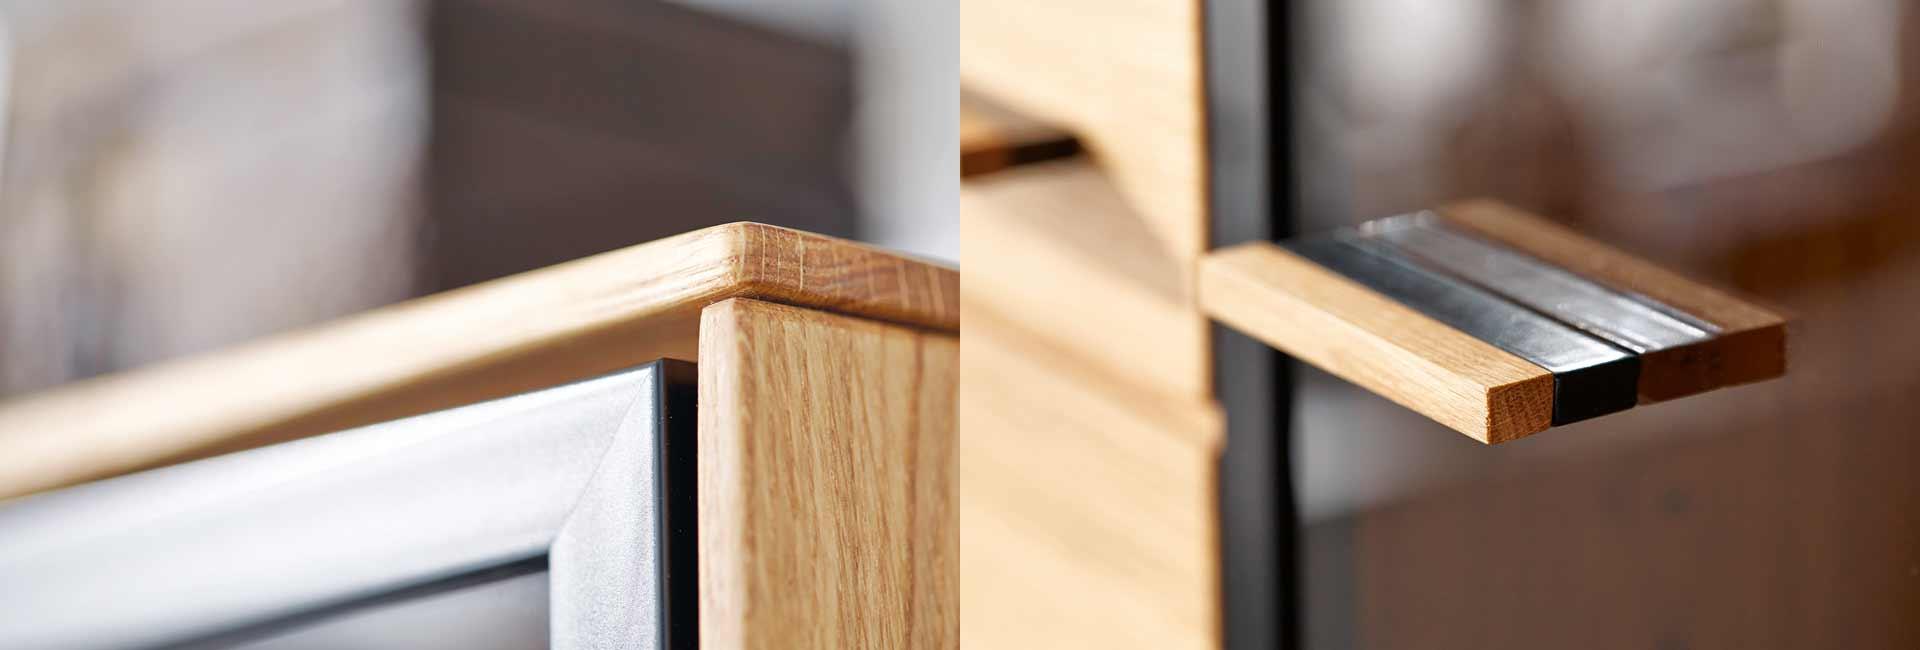 natura new york von natura einrichten in moormerland ot. Black Bedroom Furniture Sets. Home Design Ideas